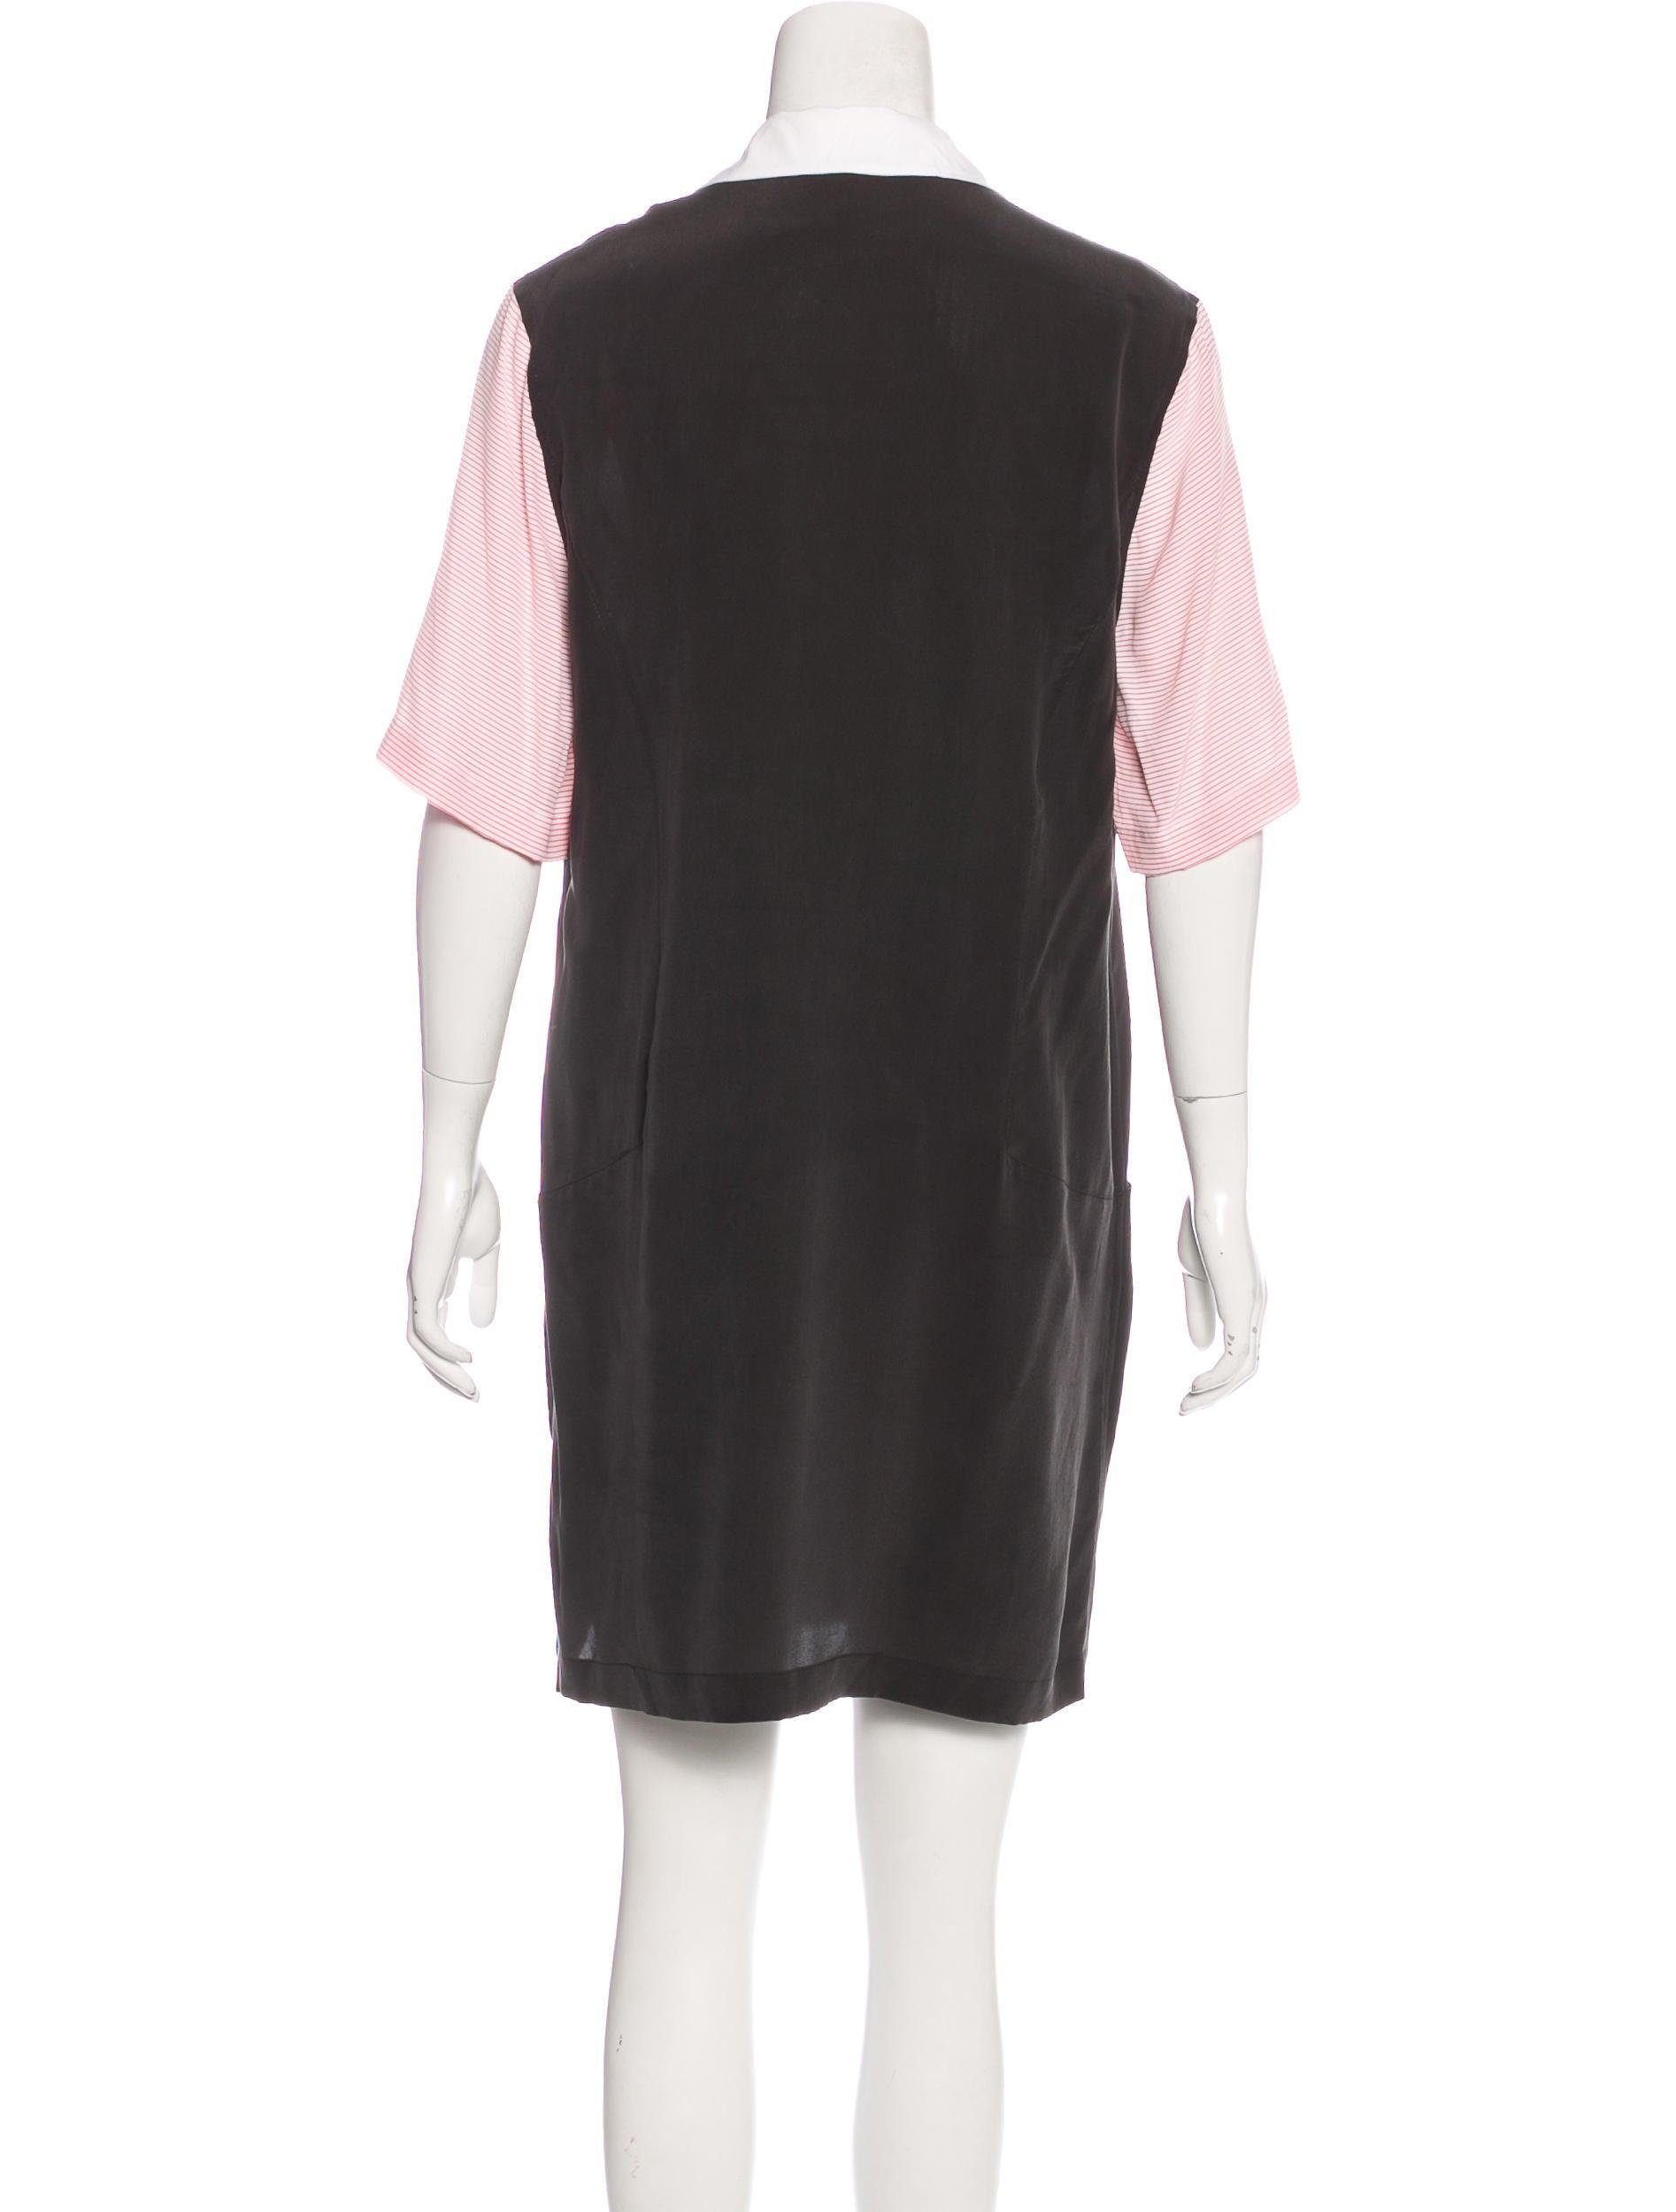 Equipment silk short sleeve shirt dress clothing for Silk short sleeve shirt